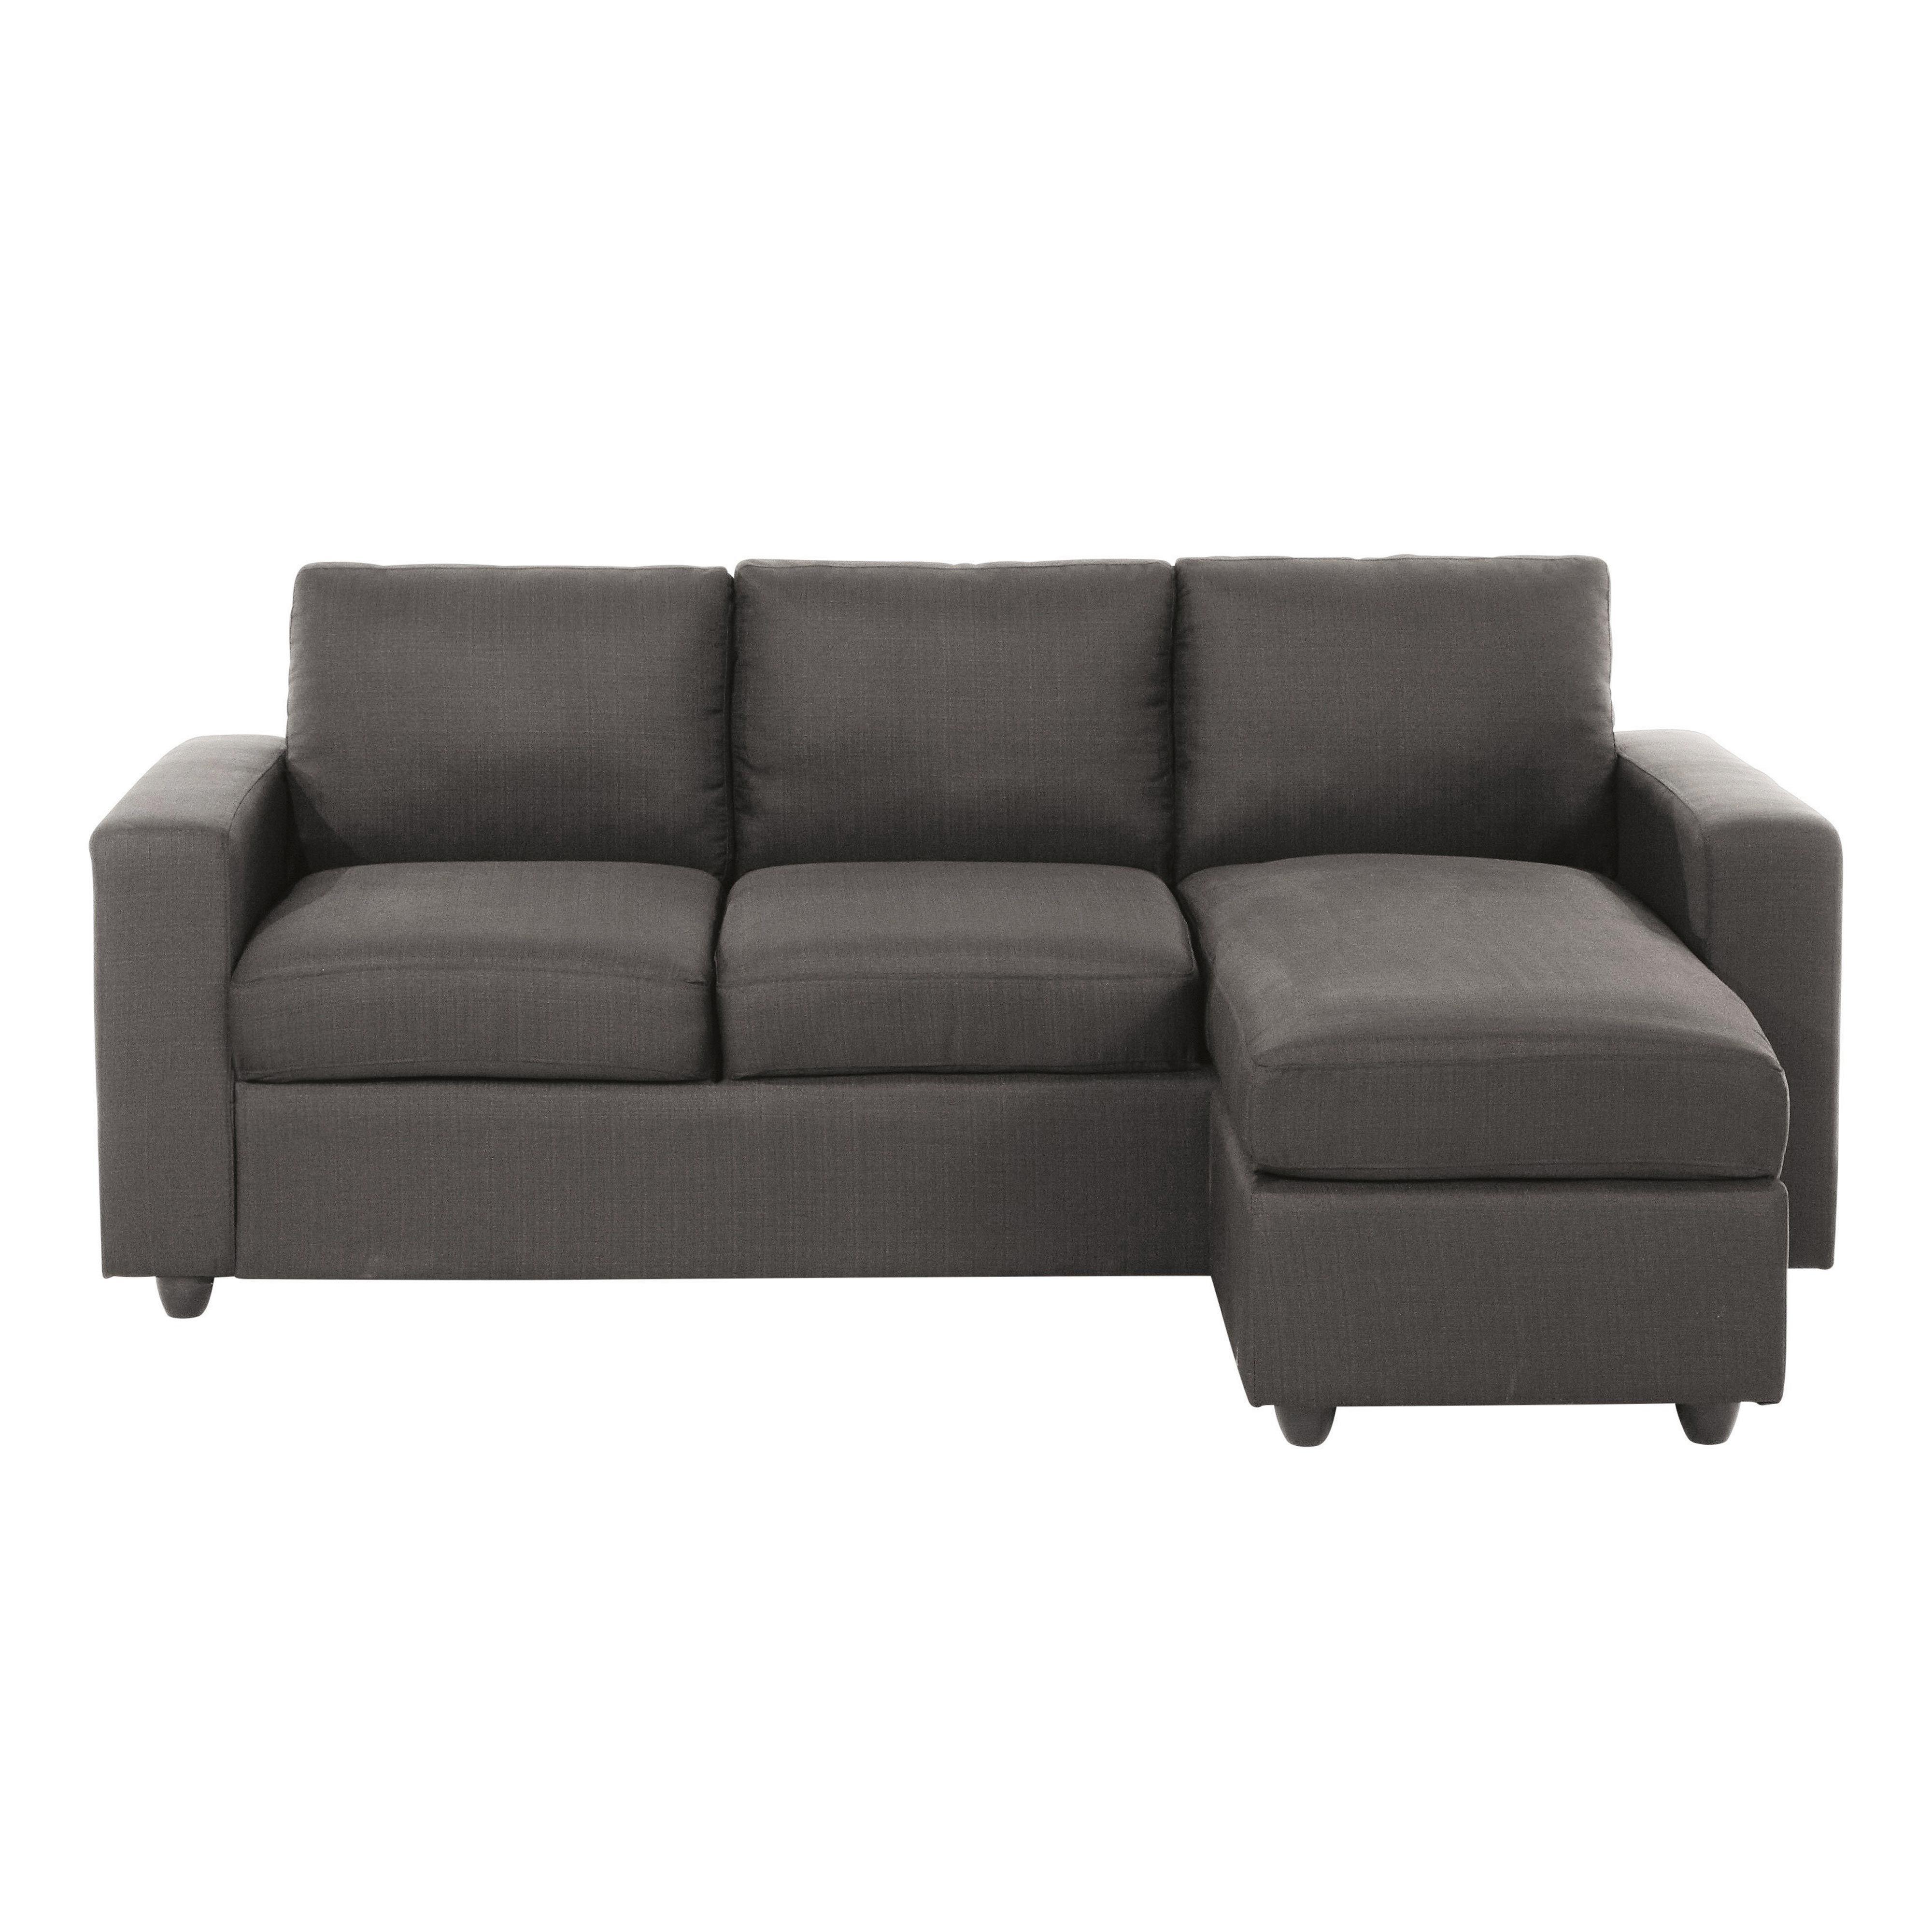 Sof esquinero modular de 3 plazas gris corner colonial for Sofa modular tela